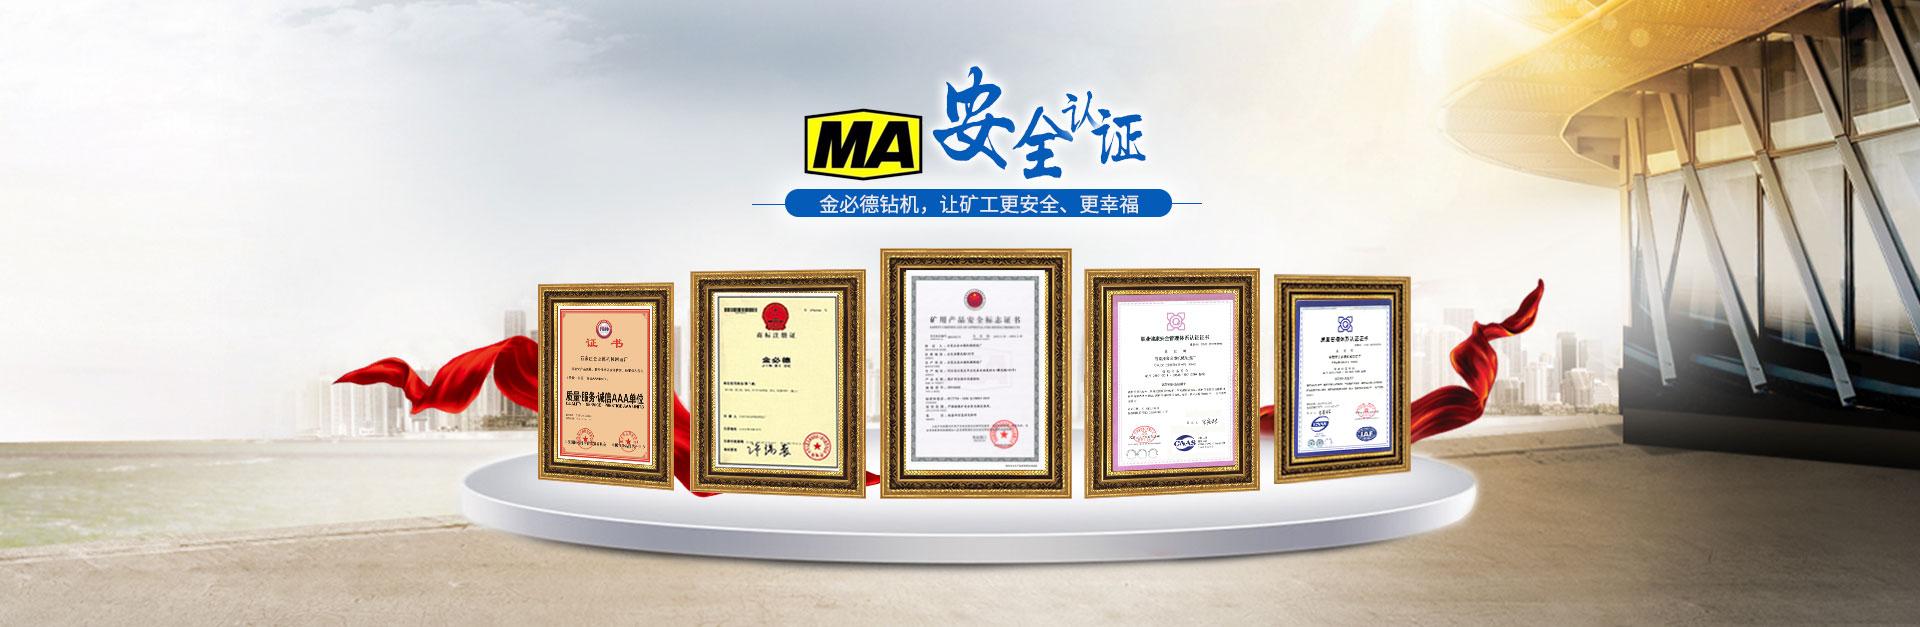 金必德钻机,MA安全认证,让旷工更安全,更幸福